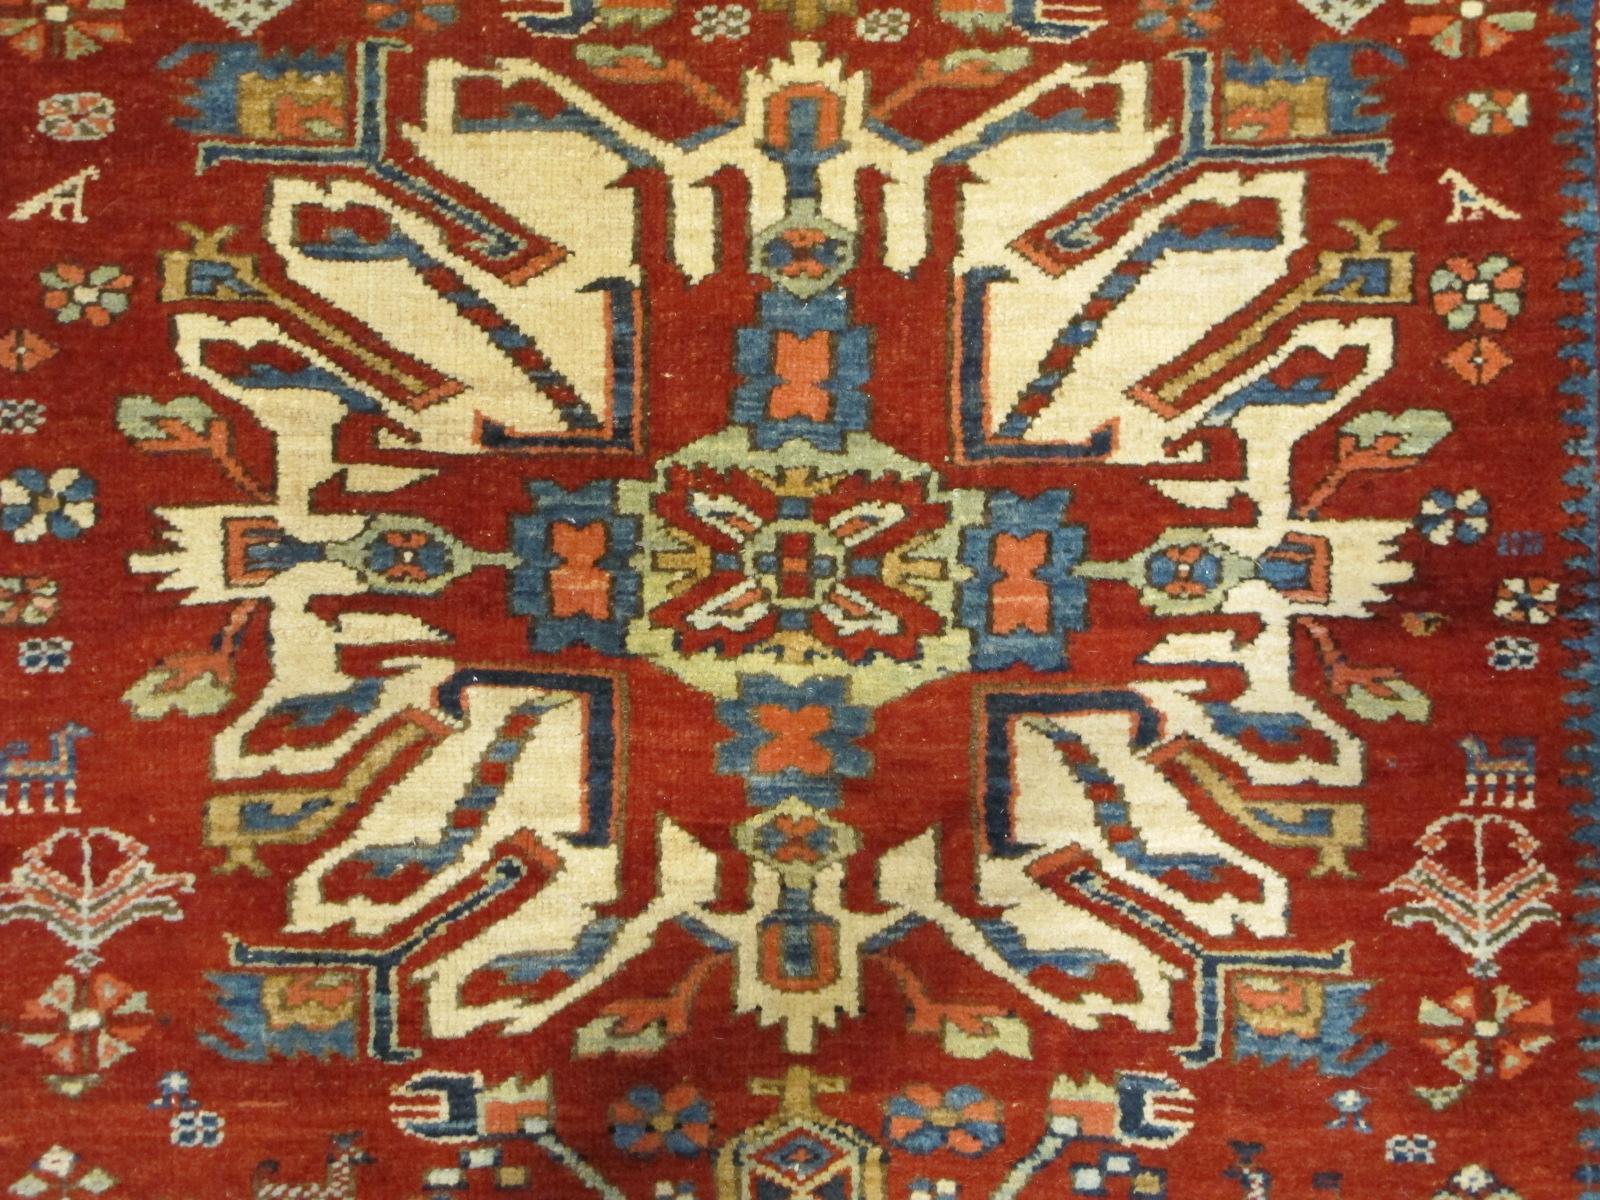 23672 antique persian serapi karadja rug 4,8x7,0 (3)